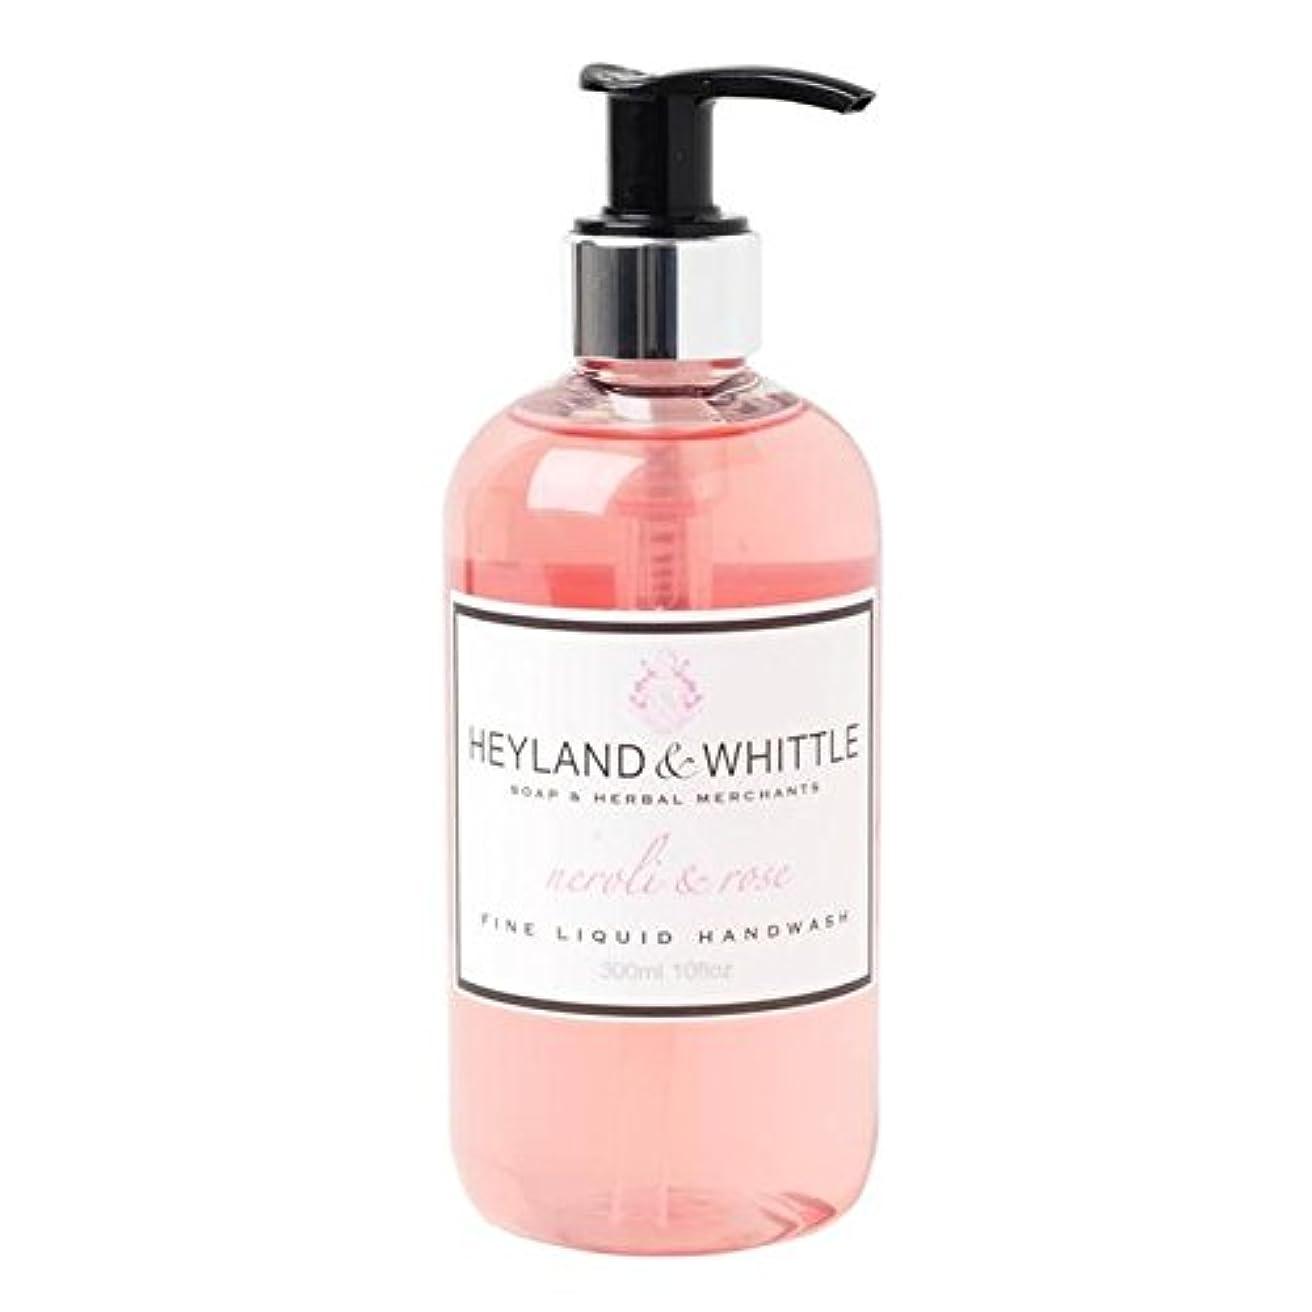 知らせる尾ペットHeyland & Whittle Neroli & Rose Handwash 300ml (Pack of 6) - &削るネロリ&手洗いの300ミリリットルをバラ x6 [並行輸入品]